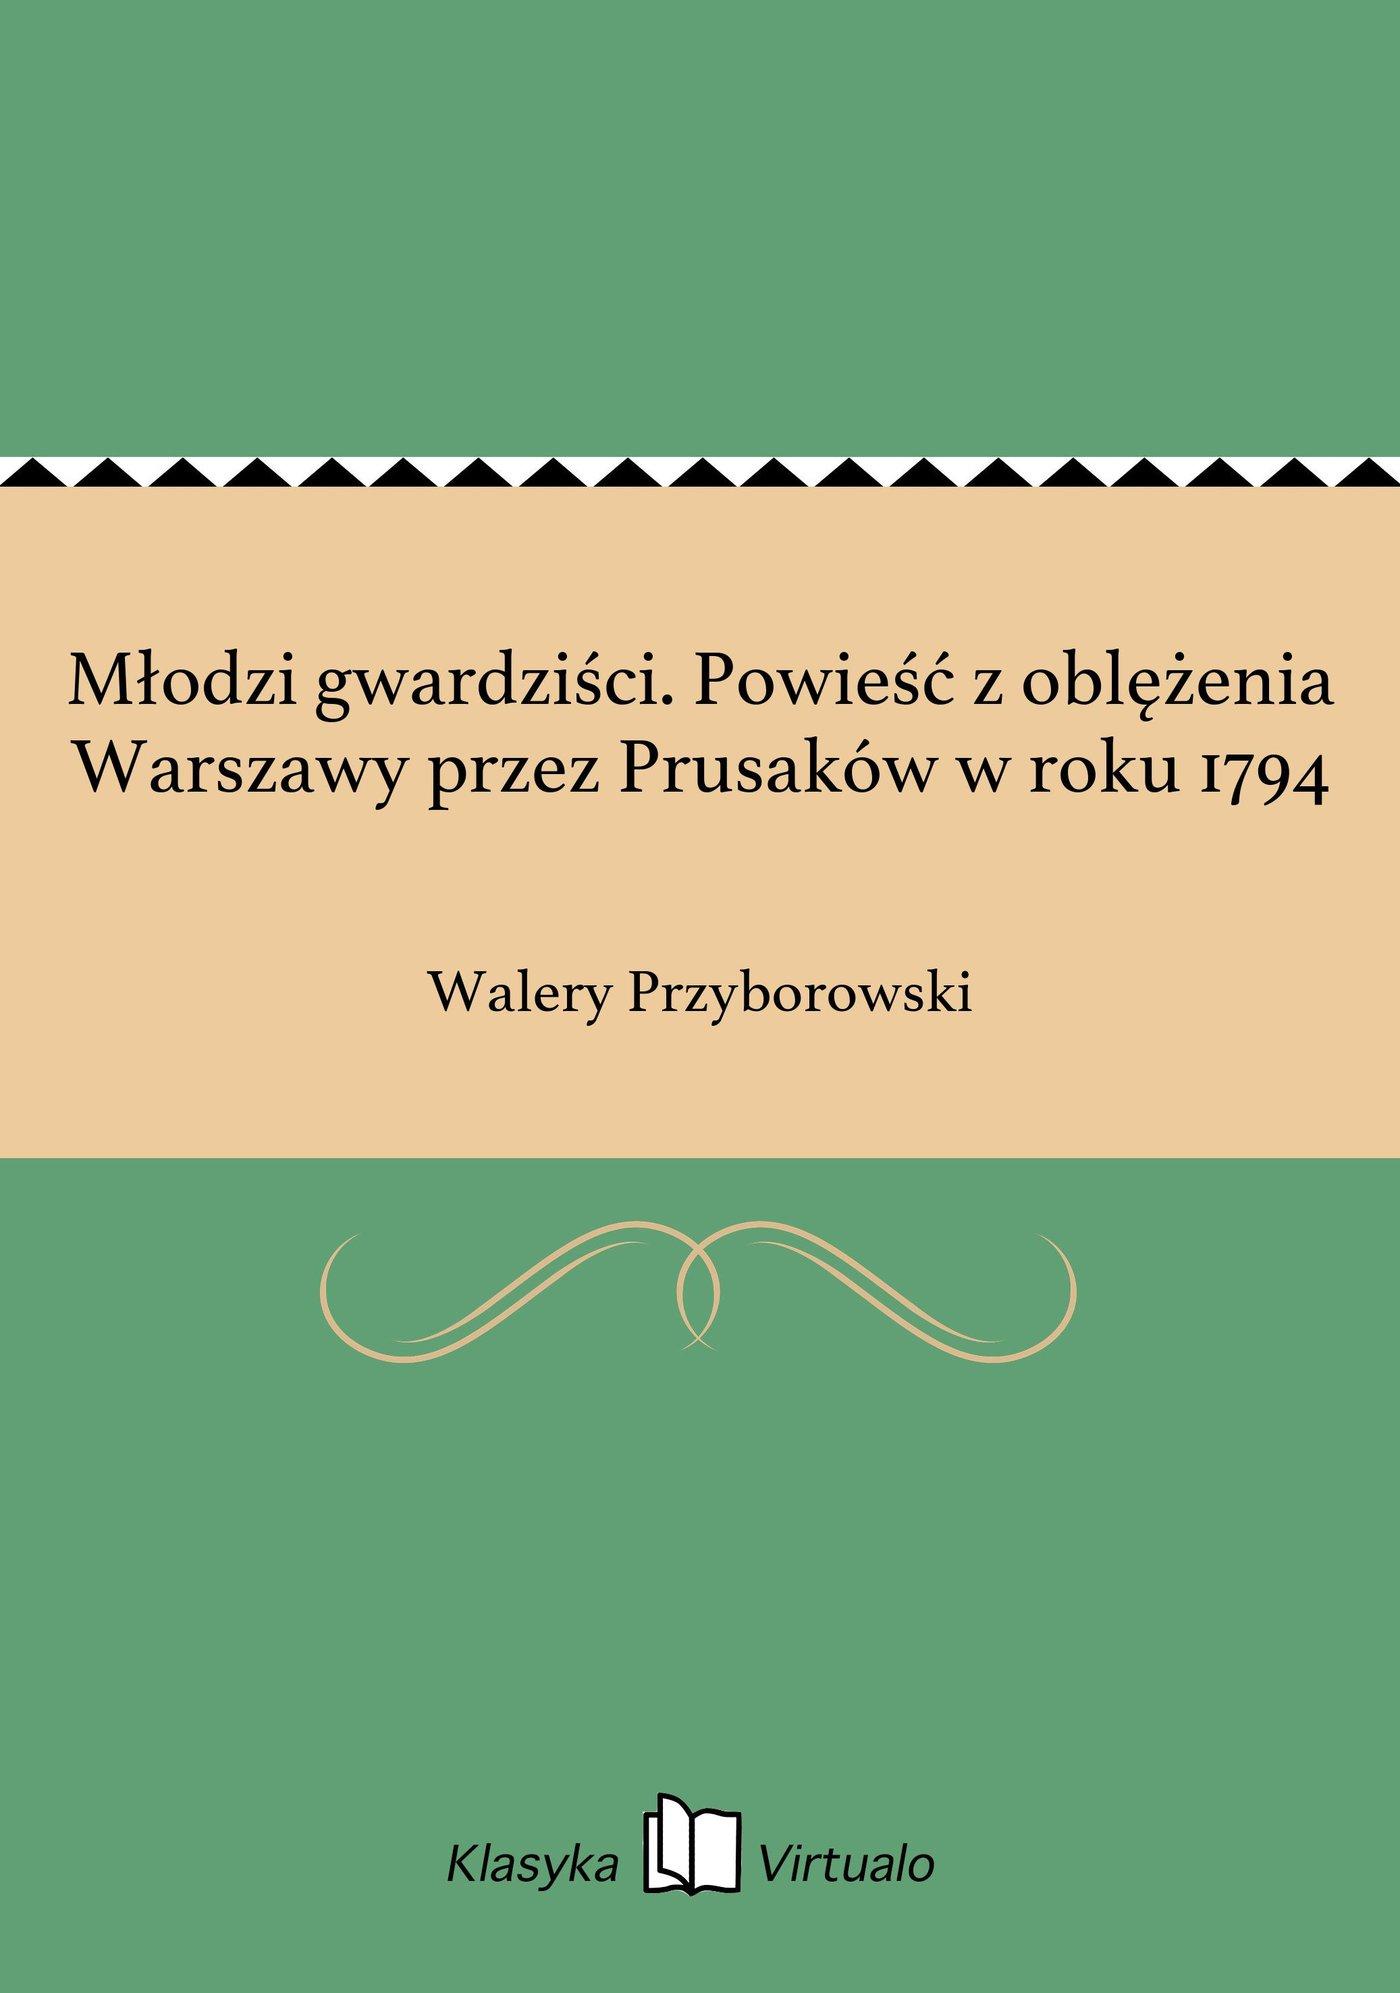 Młodzi gwardziści. Powieść z oblężenia Warszawy przez Prusaków w roku 1794 - Ebook (Książka EPUB) do pobrania w formacie EPUB